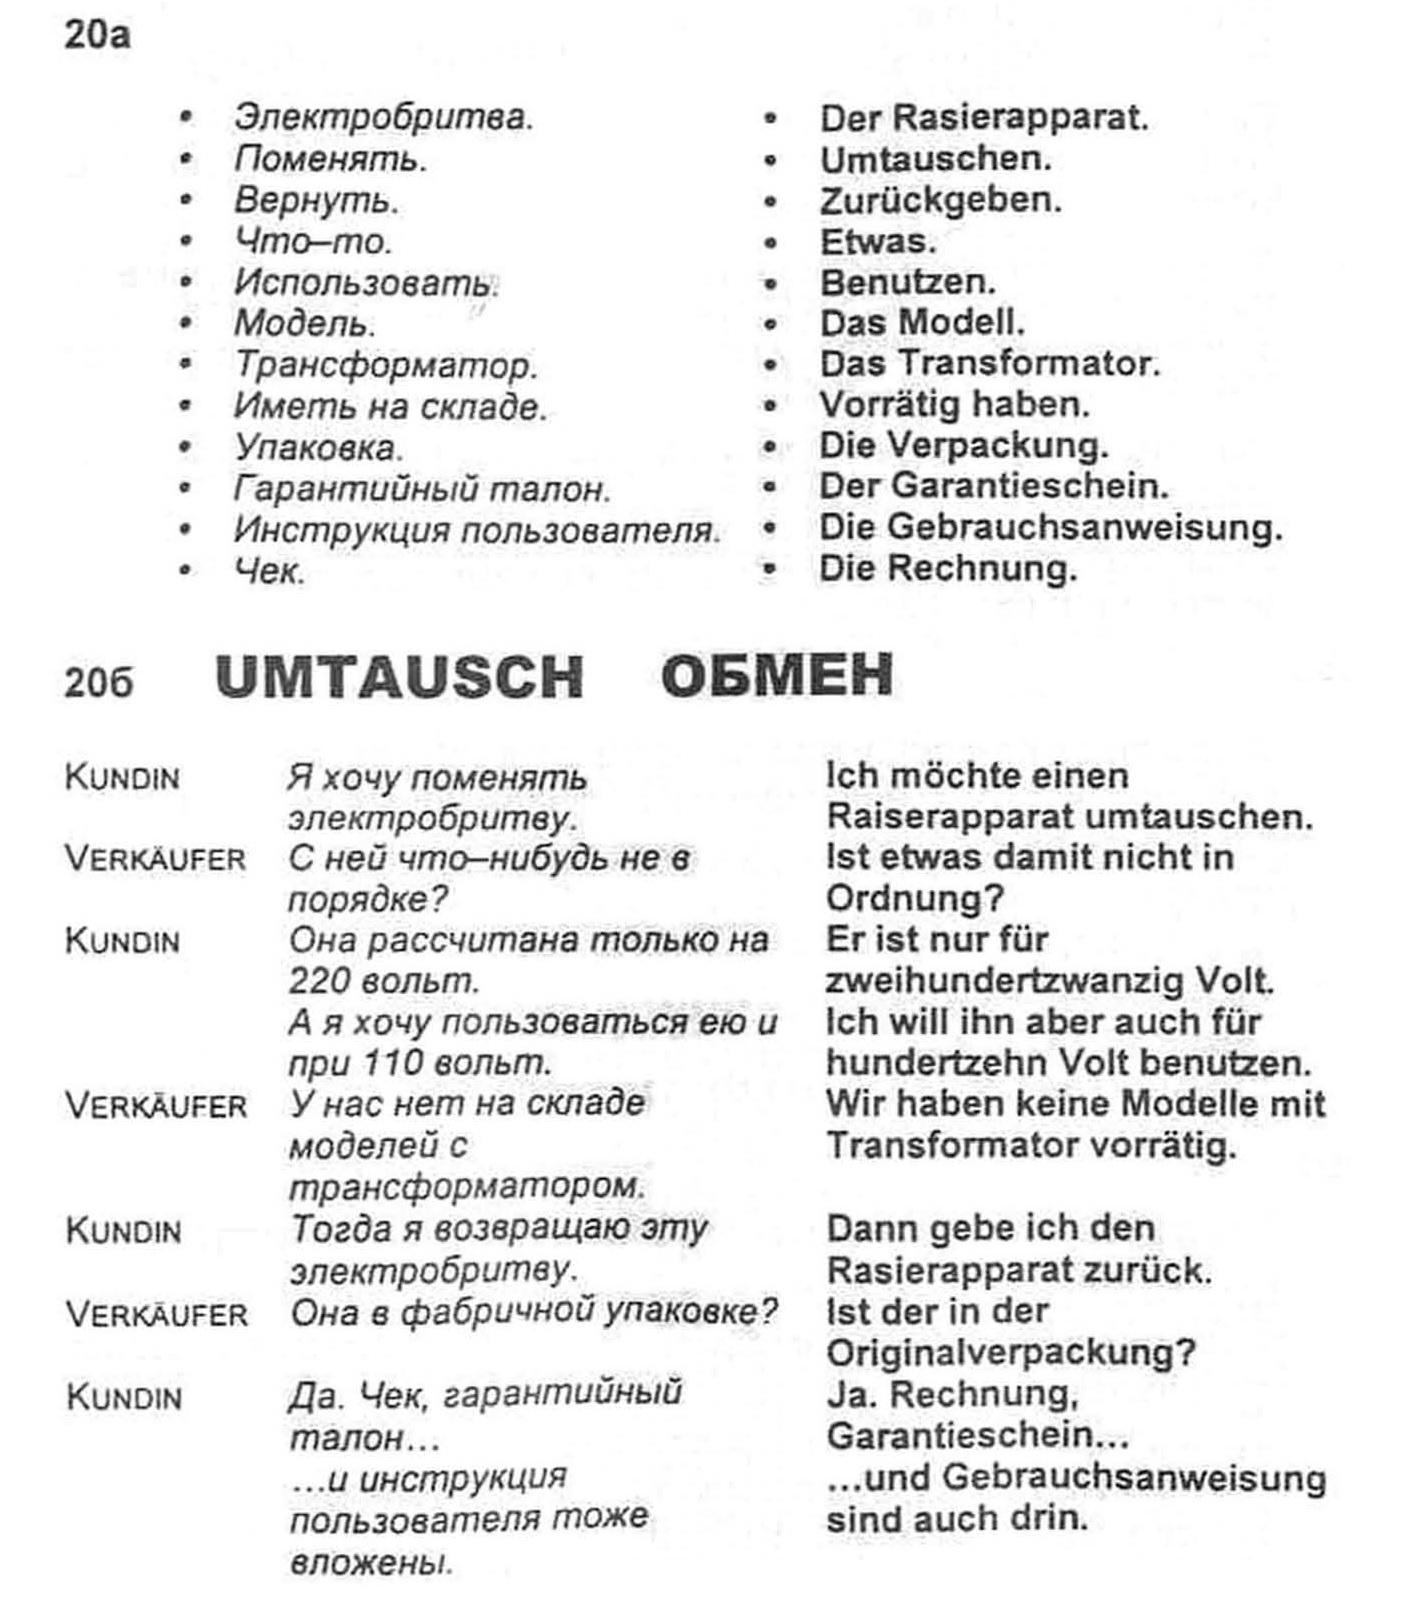 Аудиокурс немецкого языка для самостоятельного изучения. Урок 20.